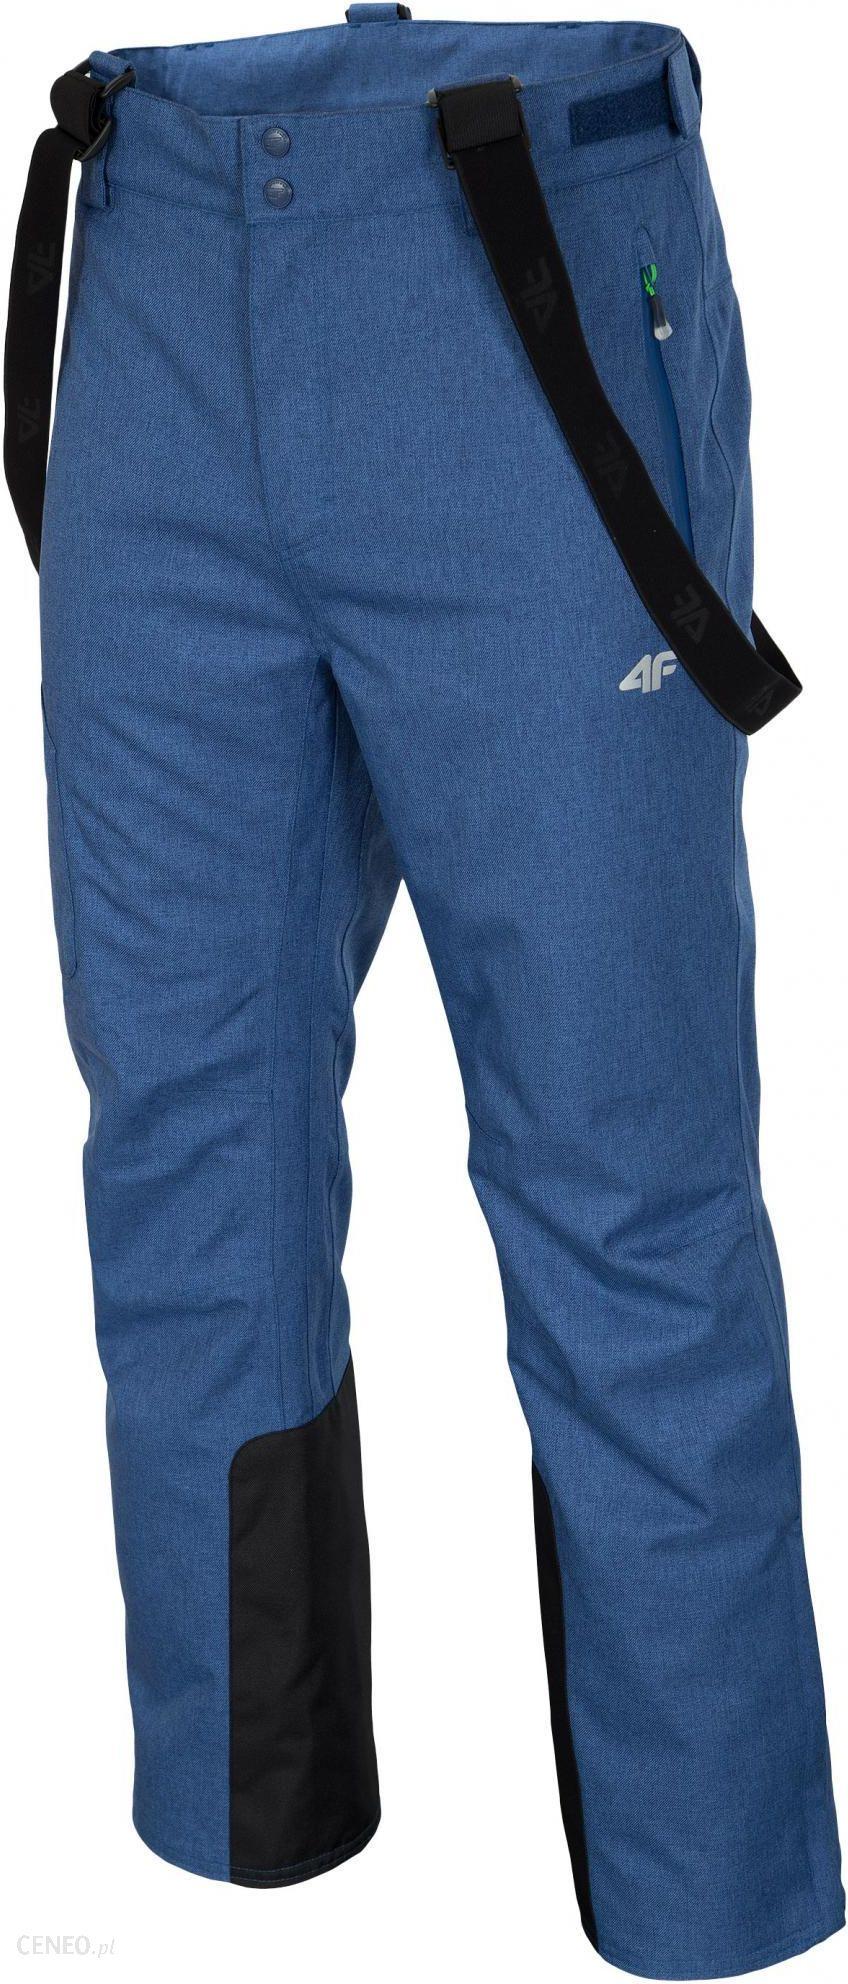 4F Spodnie Narciarskie Spmn003 Drelichowy Melanż Xl,